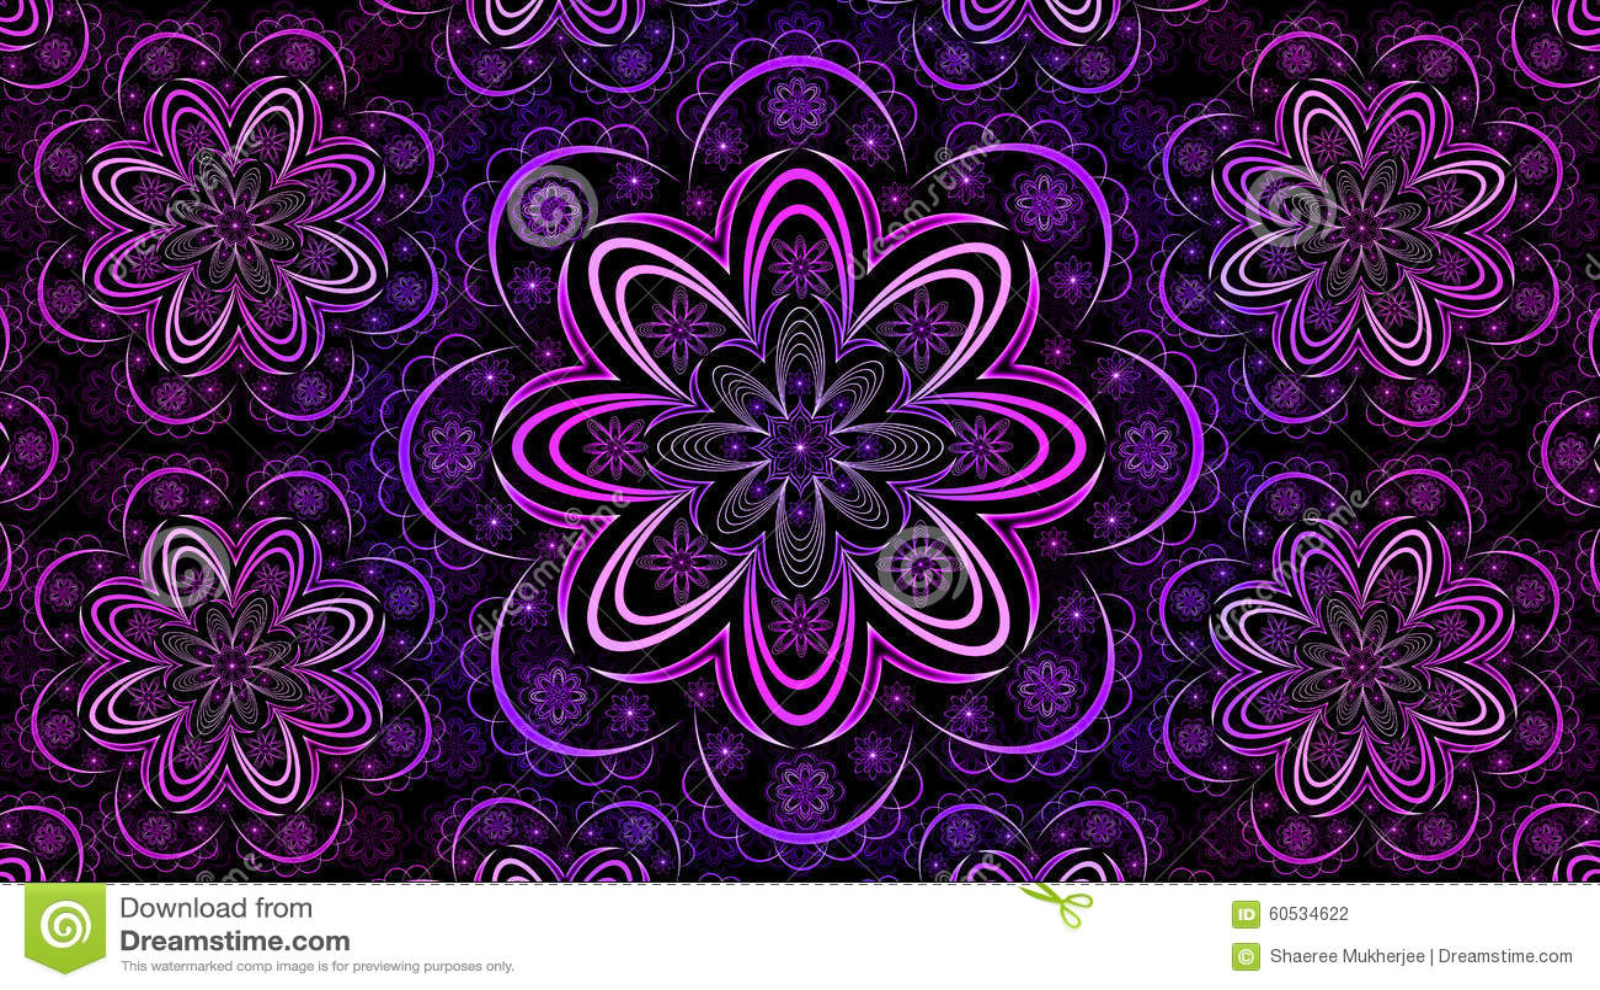 Floral Fractal Mandala... Light Colourful Backgrounds